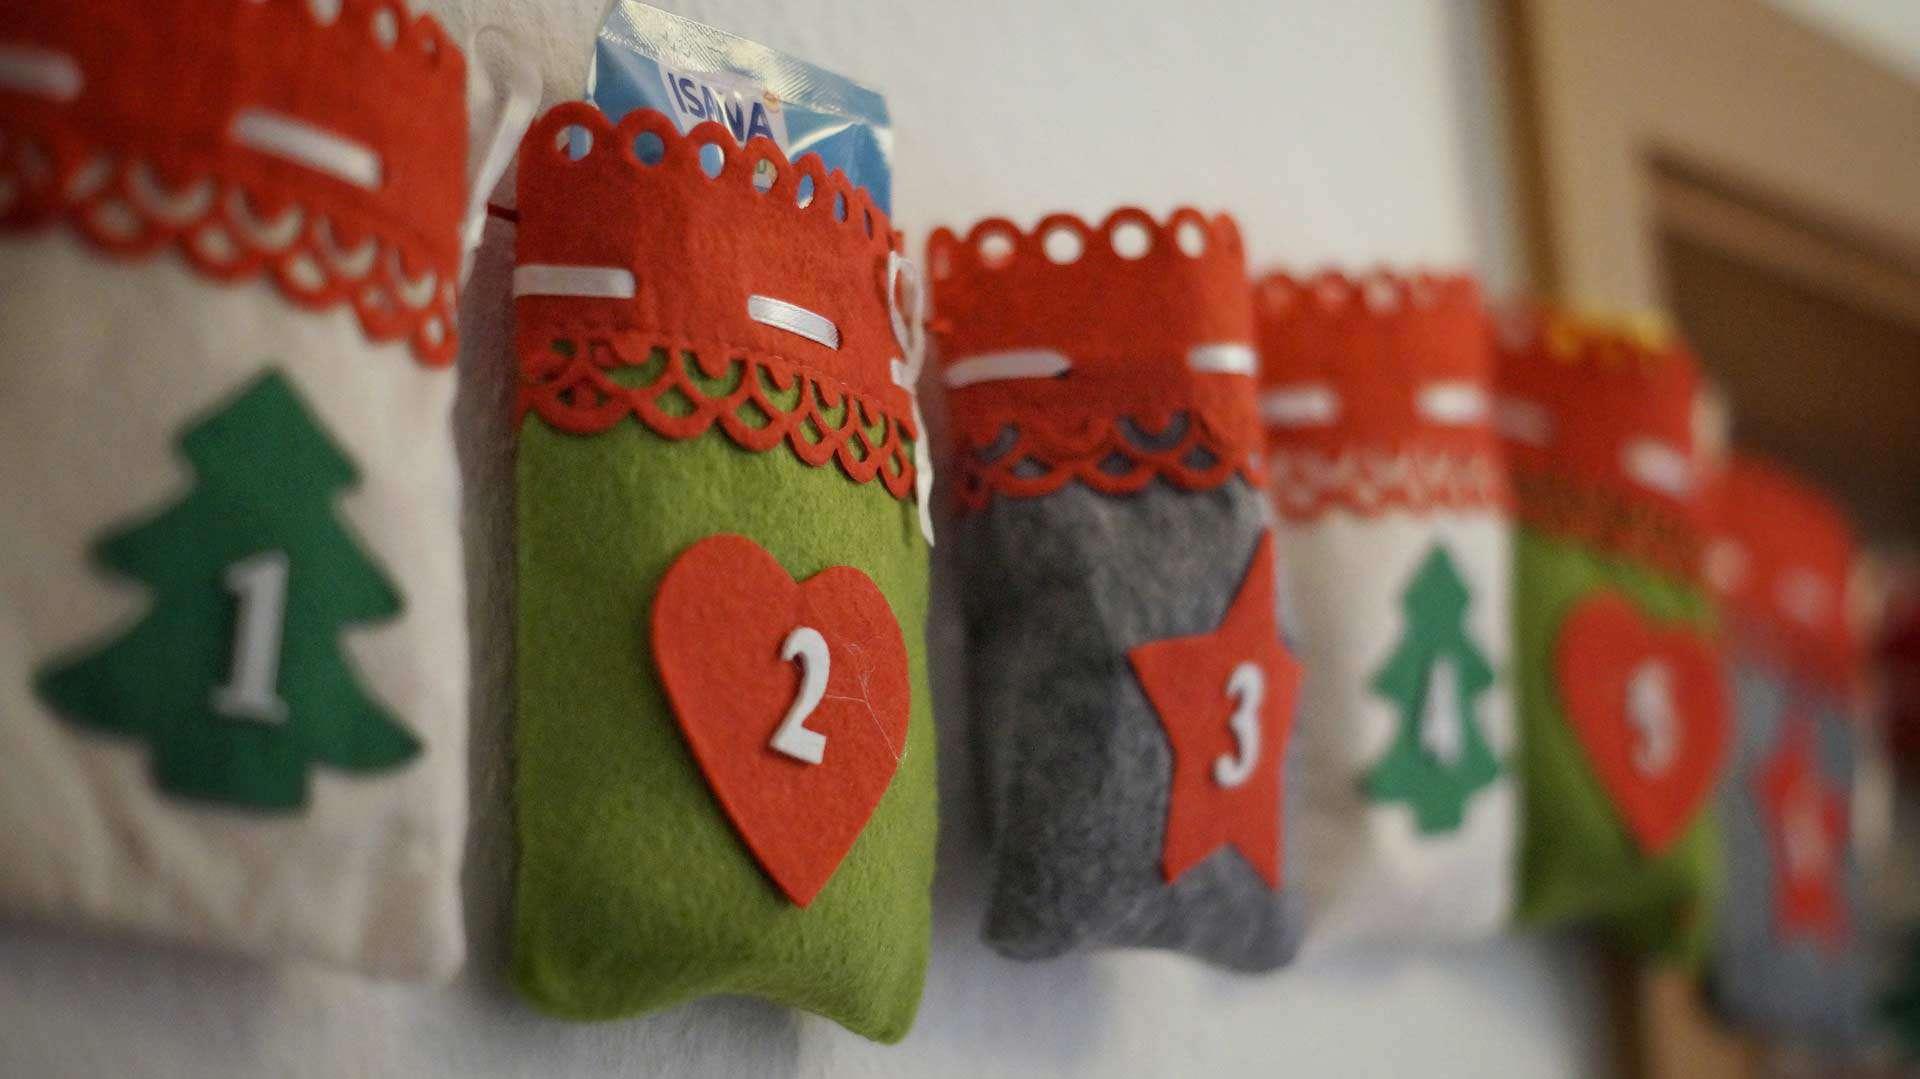 advent calendar pockets made of felt